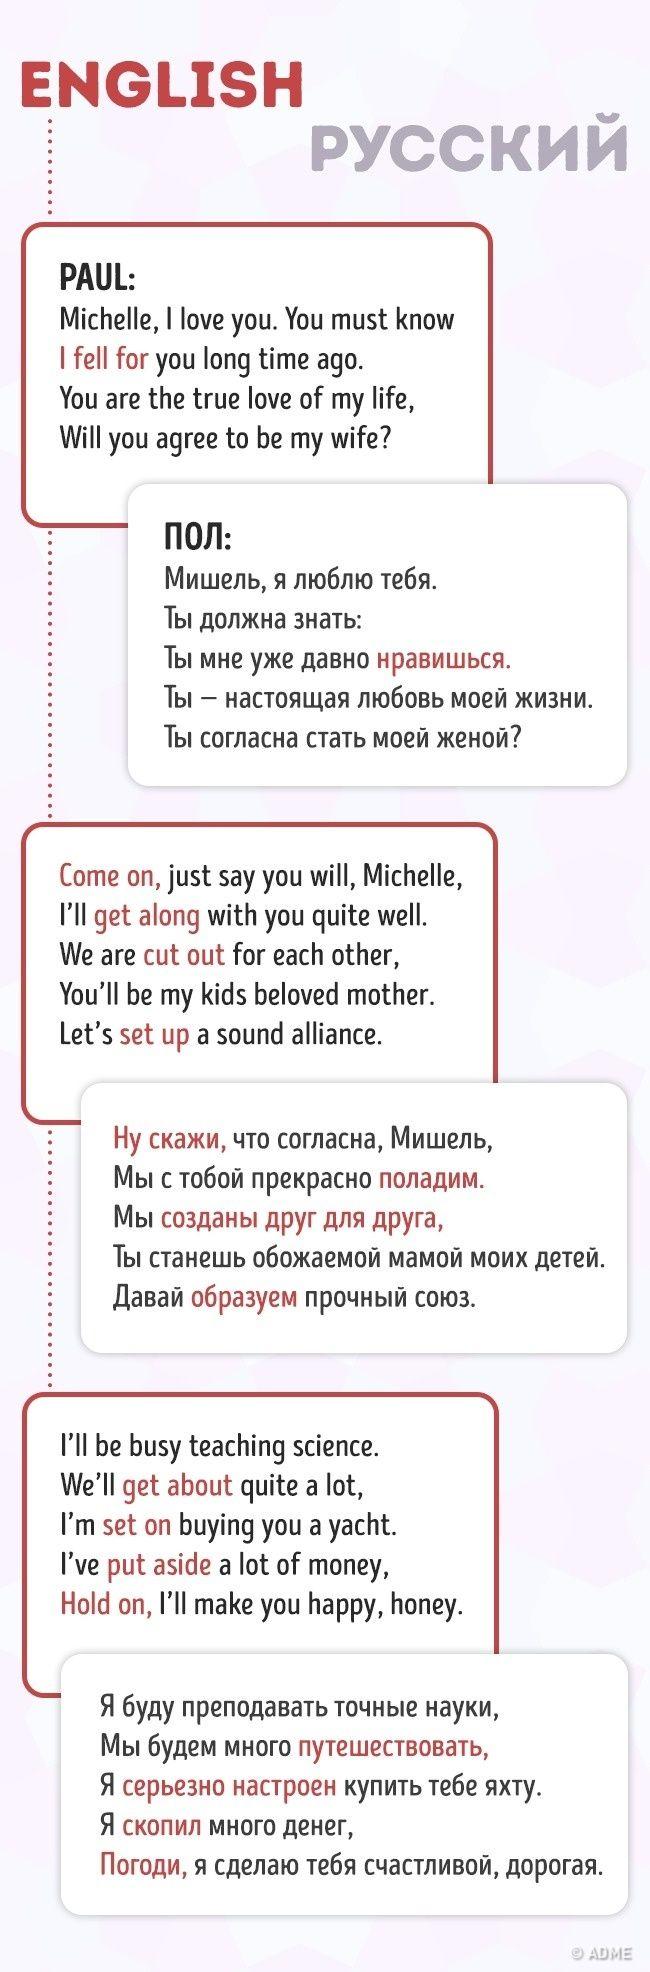 Этот стих поднимет ваш английский на новый уровень. Обсуждение на LiveInternet - Российский Сервис Онлайн-Дневников